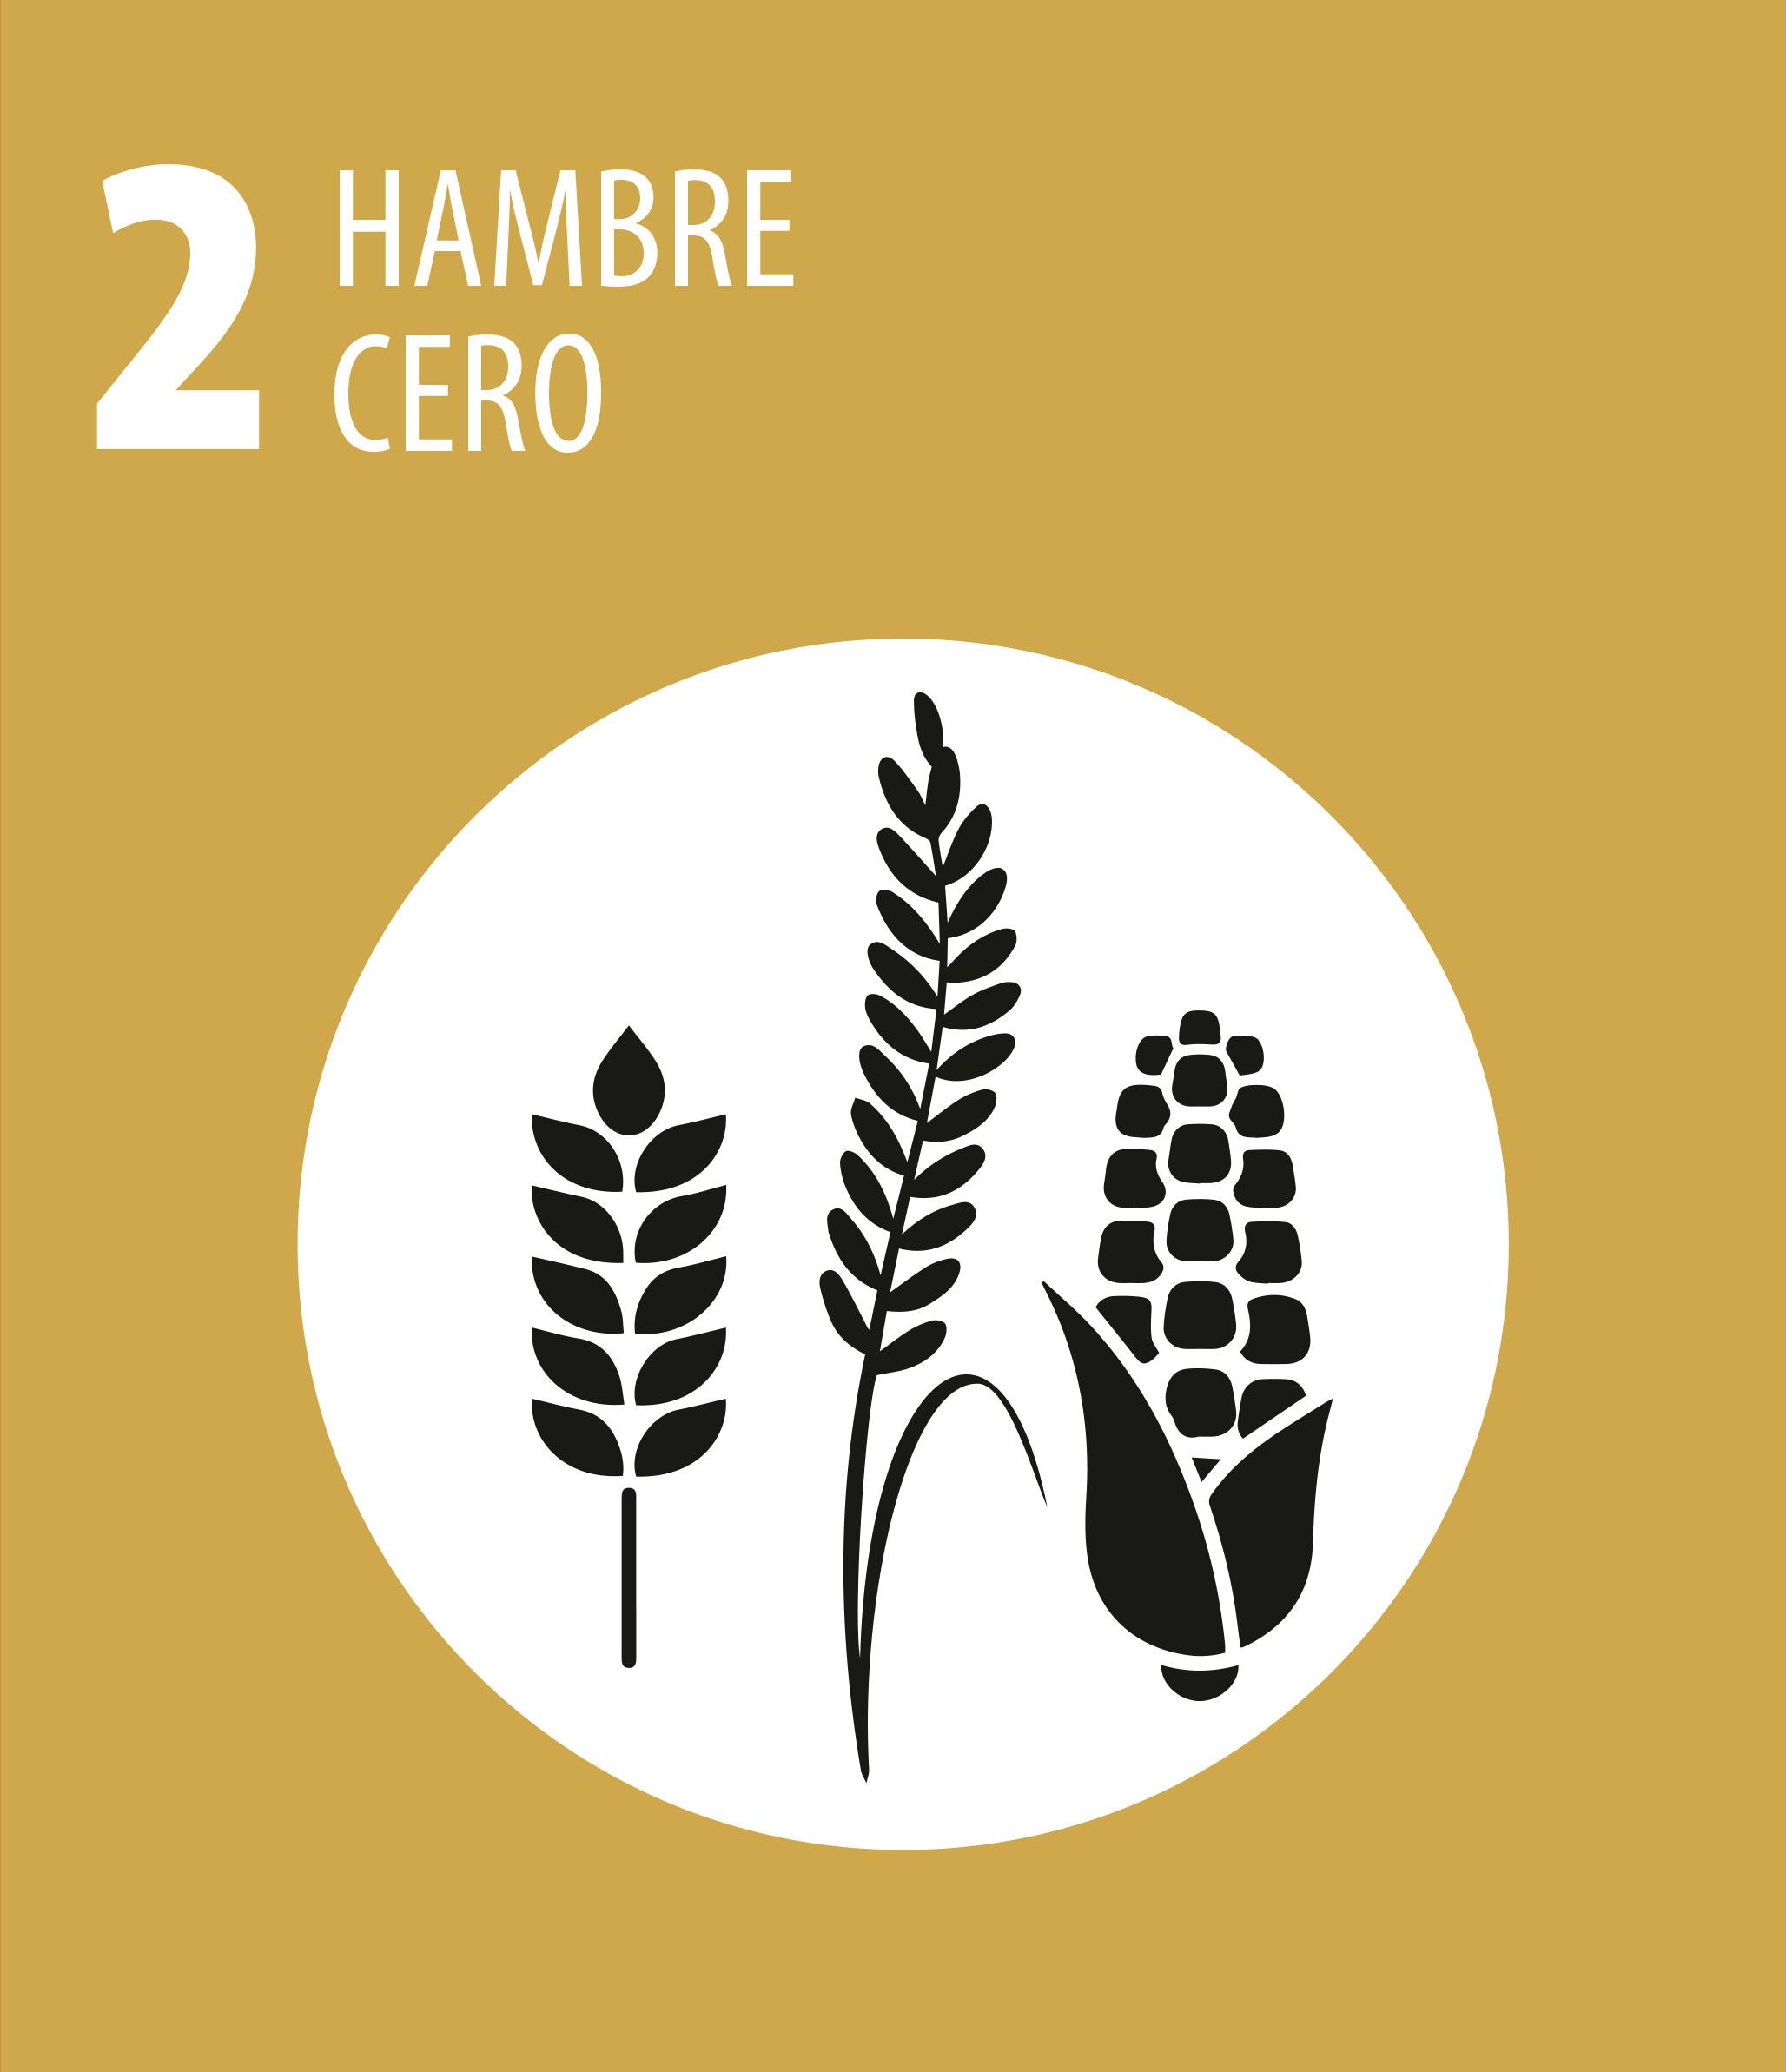 ODS 2 Hambre cero